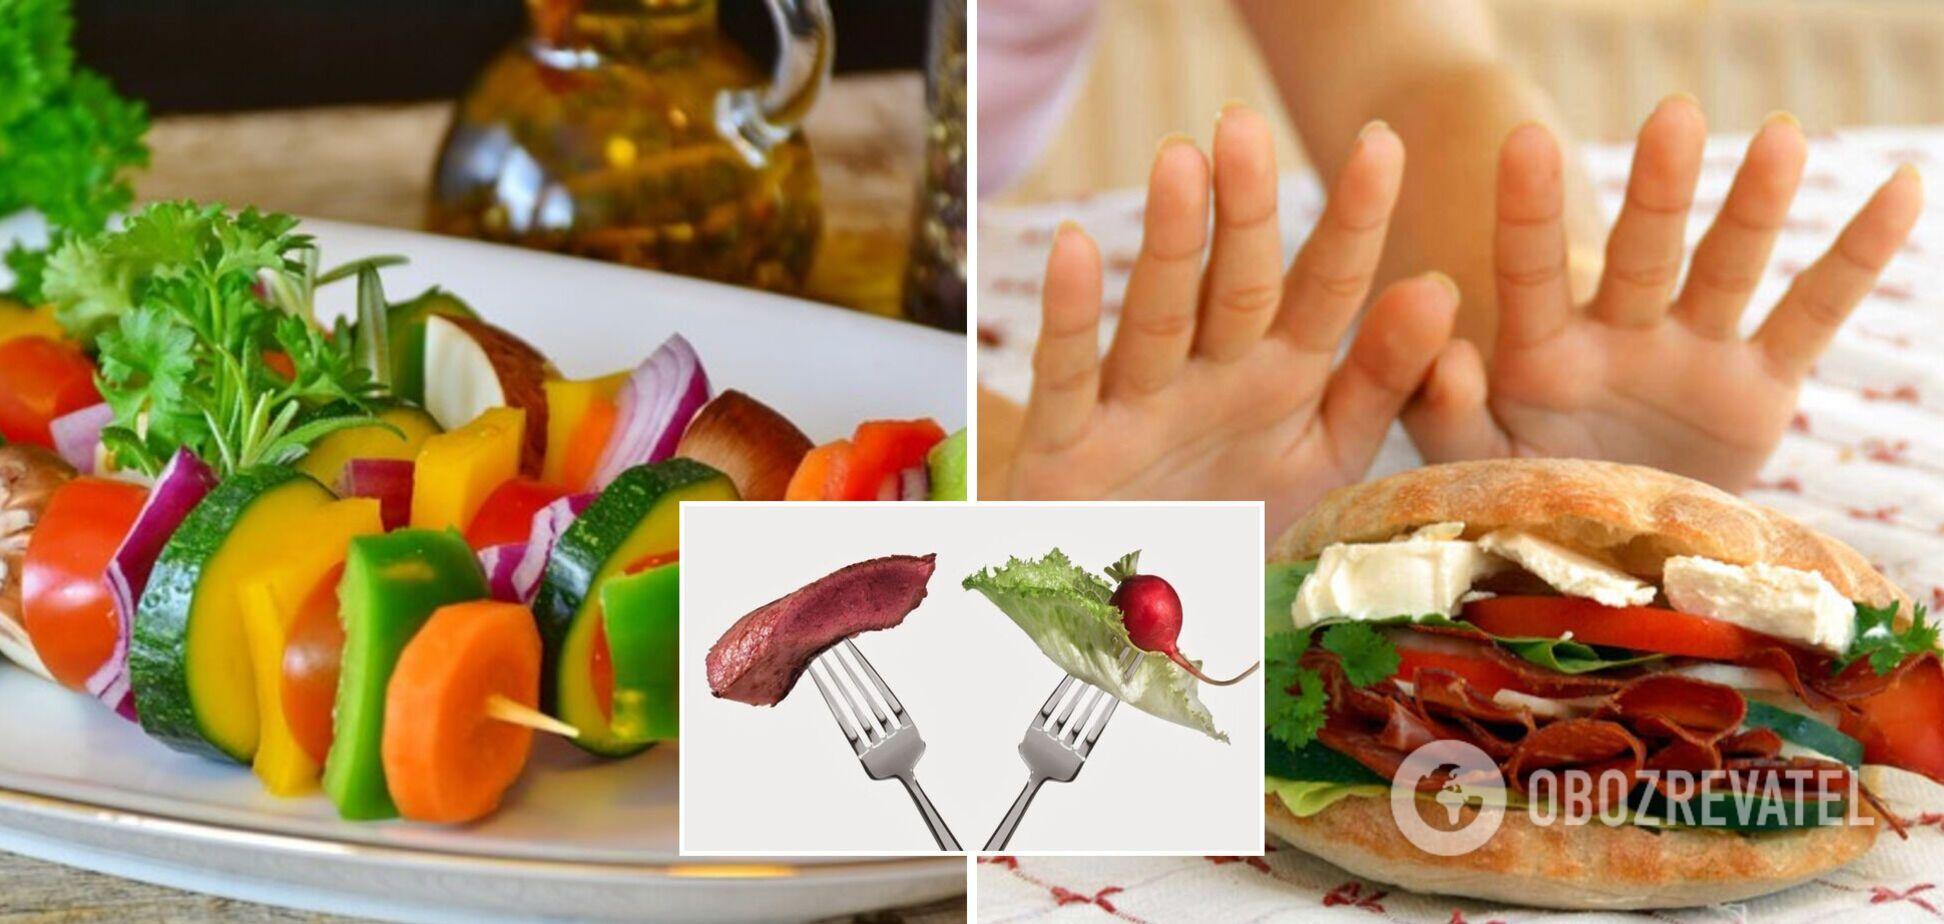 Відмова від м'яса має низку переваг для здоров'я